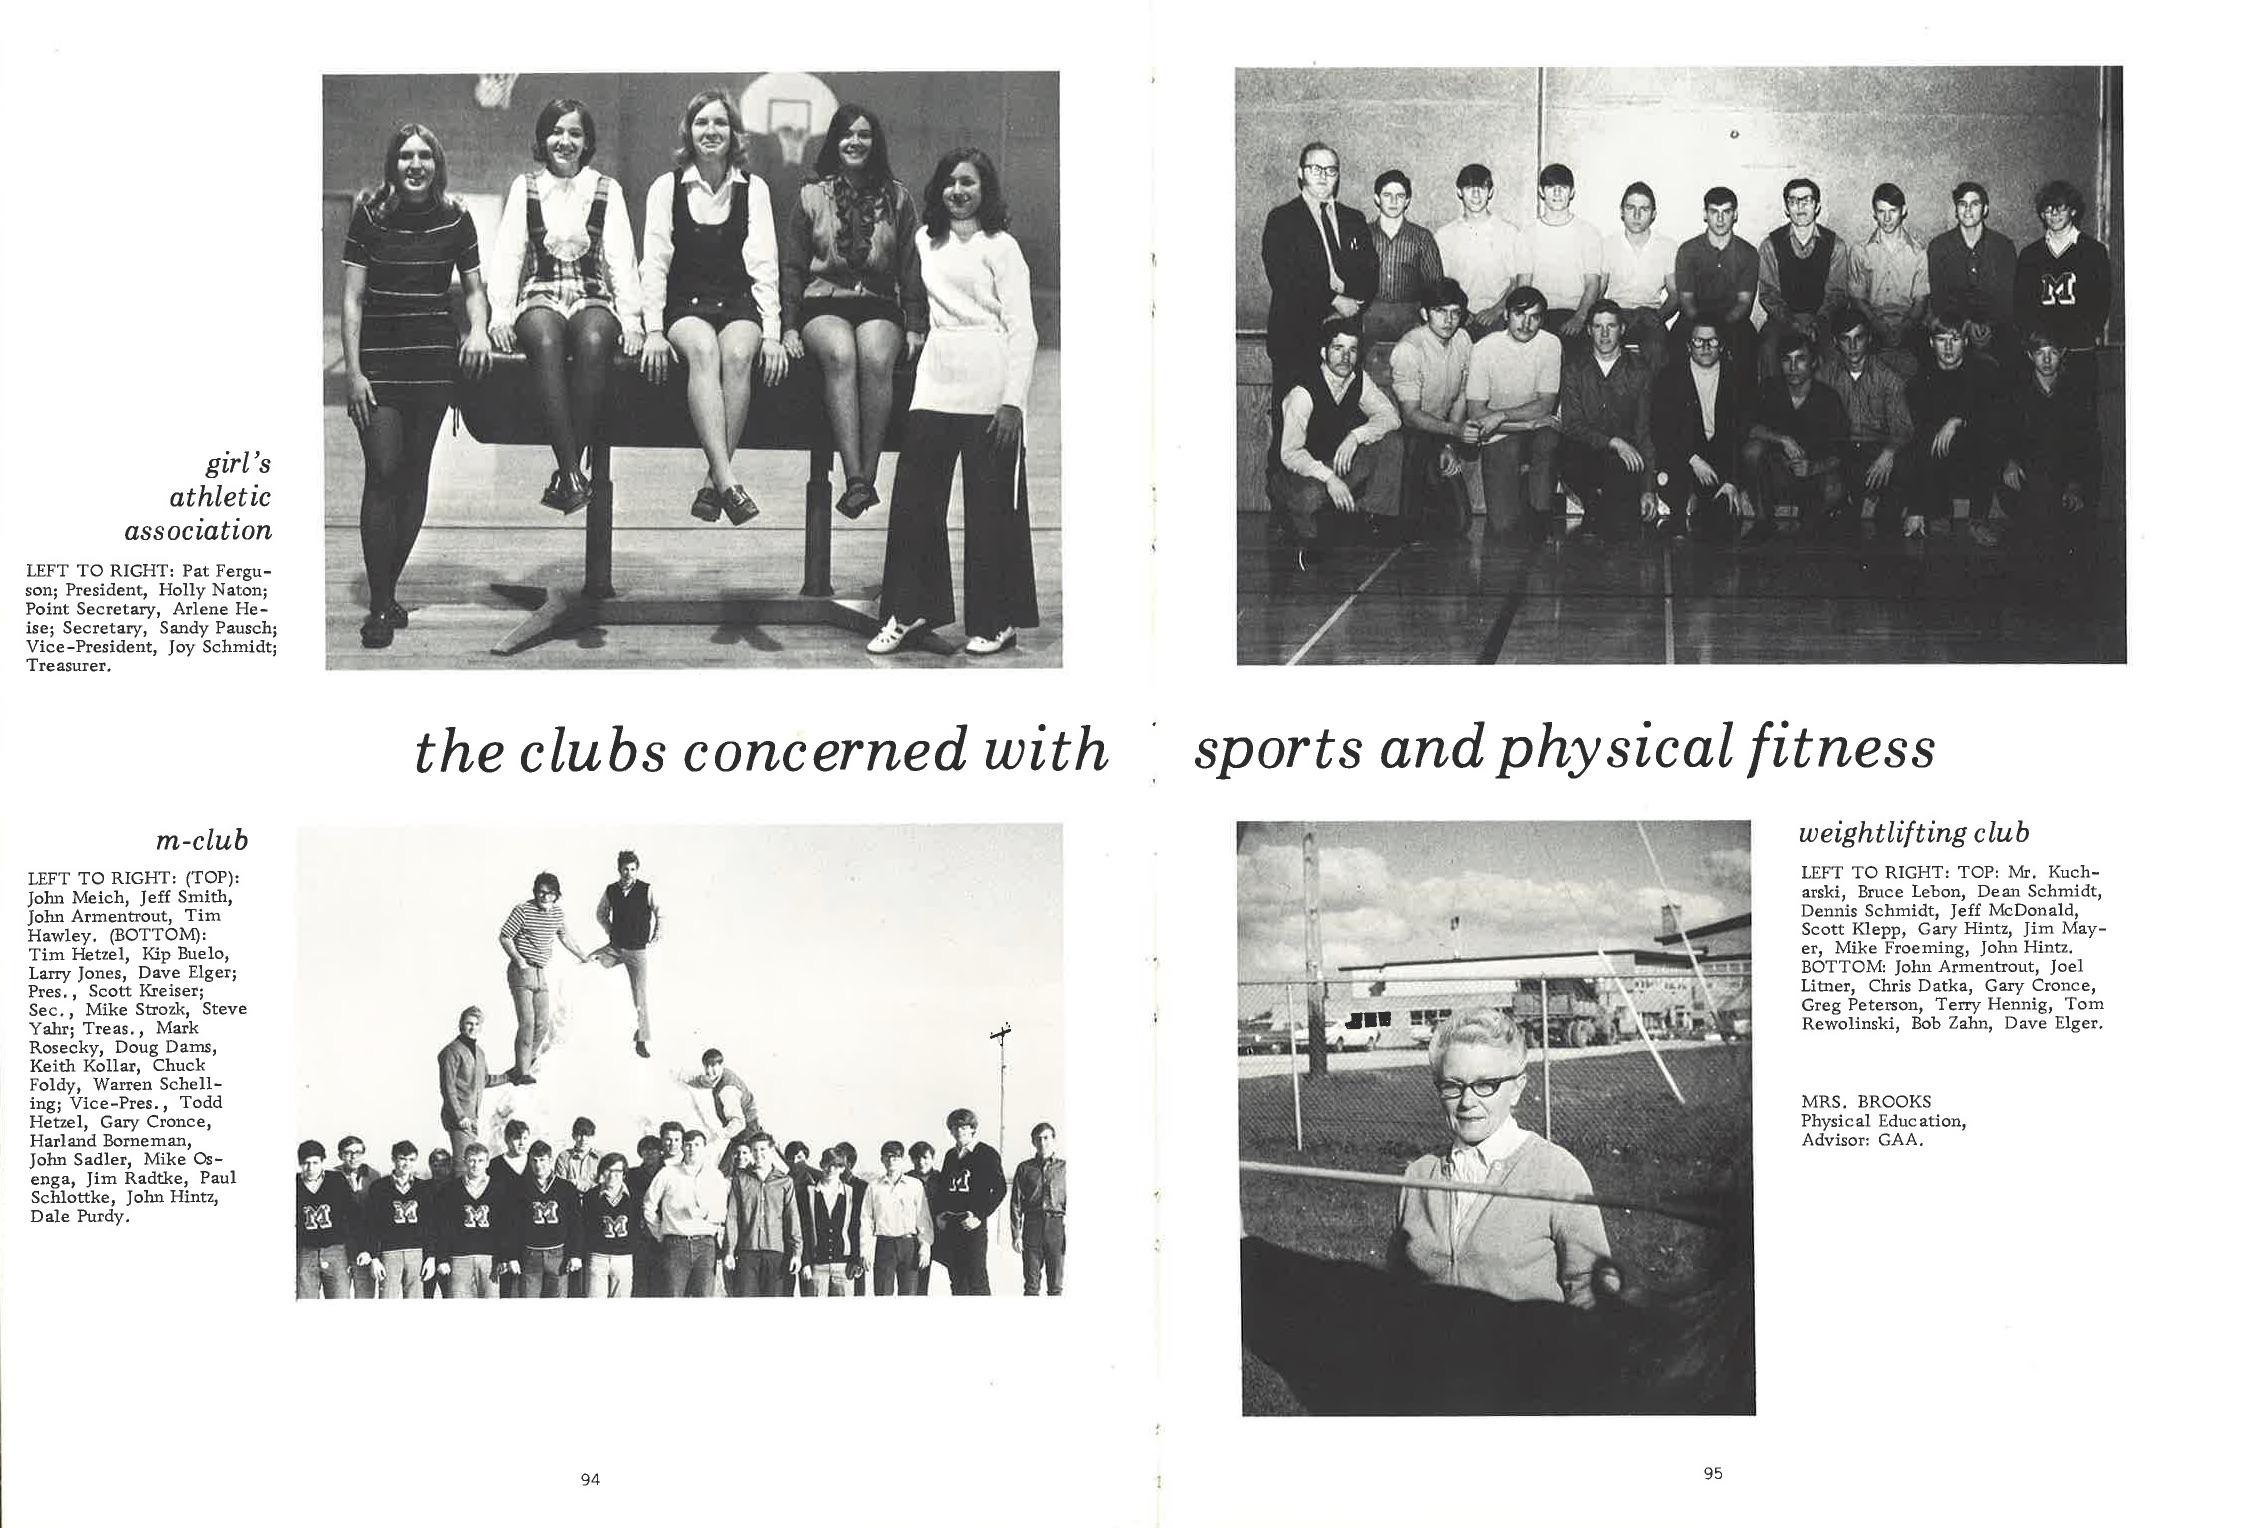 1971_Yearbook_94-95.jpg